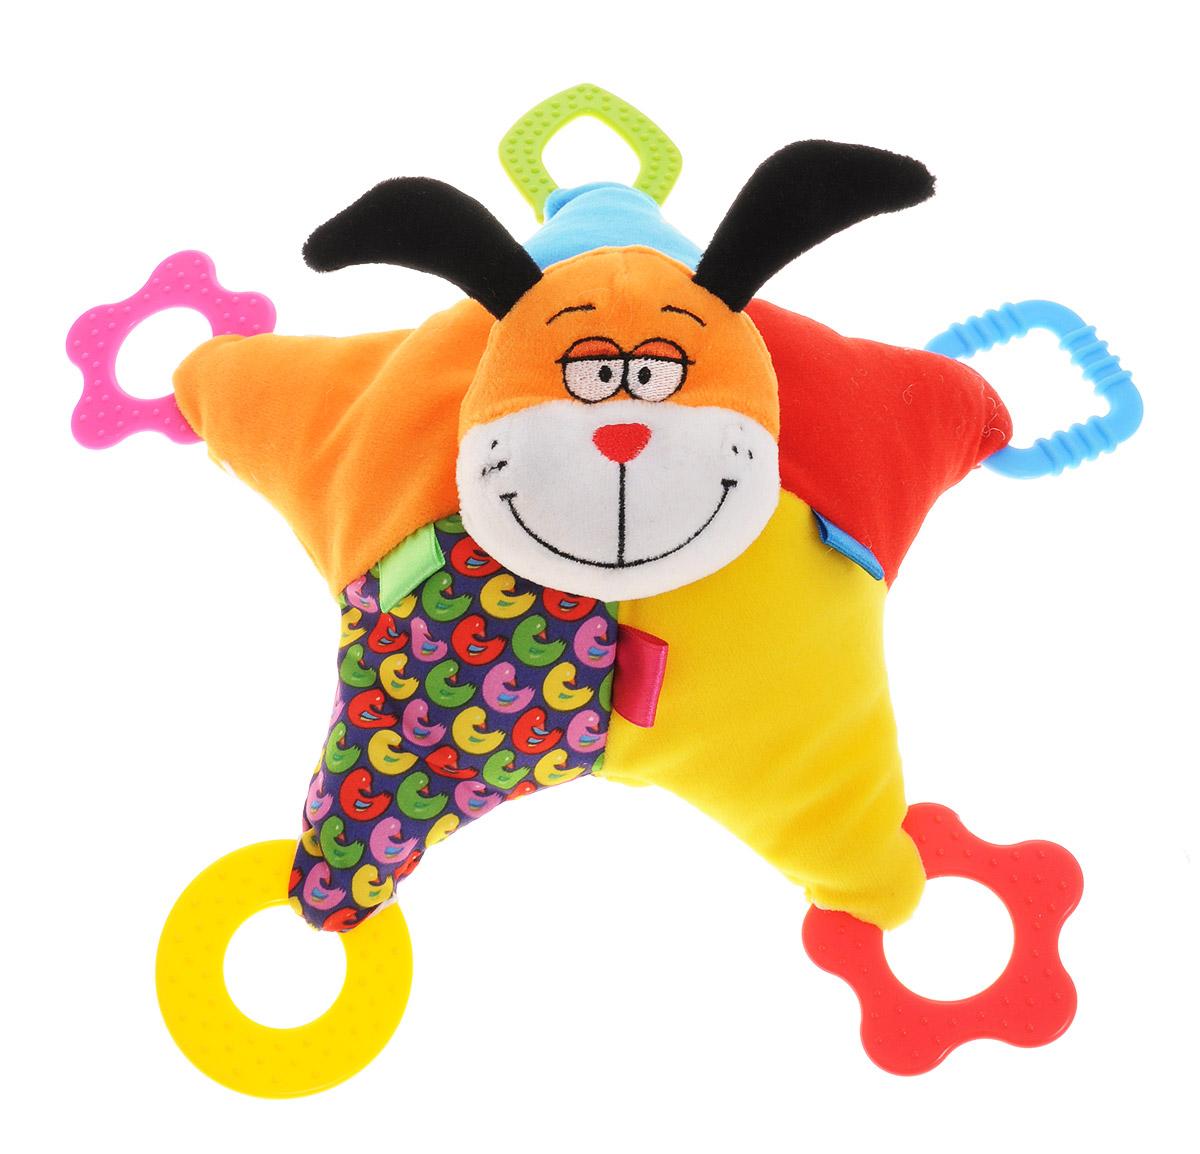 Bondibon Мягкая игрушка-погремушка Собака 32 смВВ1294_собакаМягкая игрушка-погремушка Собака не оставит вашего малыша равнодушным и не позволит ему скучать. Игрушка выполнена из высококачественных текстильных материалов и мягкого наполнителя. Мягкая игрушка выполнена в форме звездочки, в центре которой находится мордочка собачки. Внутри ушек спрятаны шуршащие элементы. На каждой лапке размещены яркие прорезыватели. Все прорезыватели имеют разную форму, а если потрясти игрушку, то она будет издавать гремящий звук. Яркая игрушка формирует тактильные ощущения, восприятие звуков, цветов и форм. В процессе игры развивается мелкая моторика и воображение вашего ребенка.